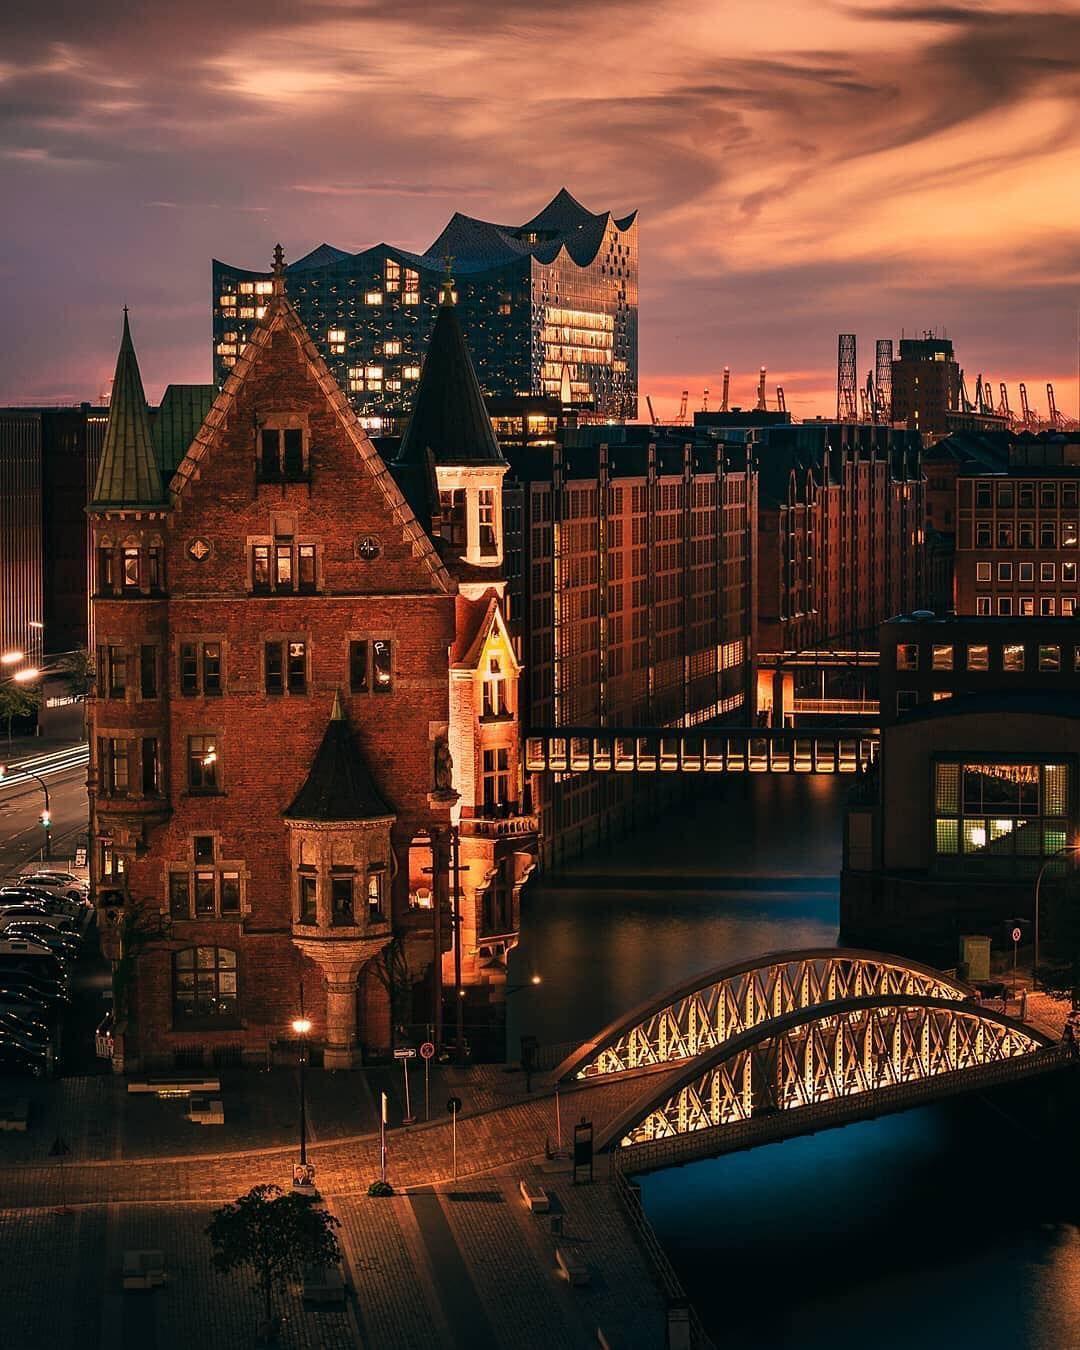 Germany Deutschland On Instagram Top Germany Von Brotherside Topgermanyphoto Schaut Euch Die Vorgestellte Hamburg Travel Europe Destinations Hamburg